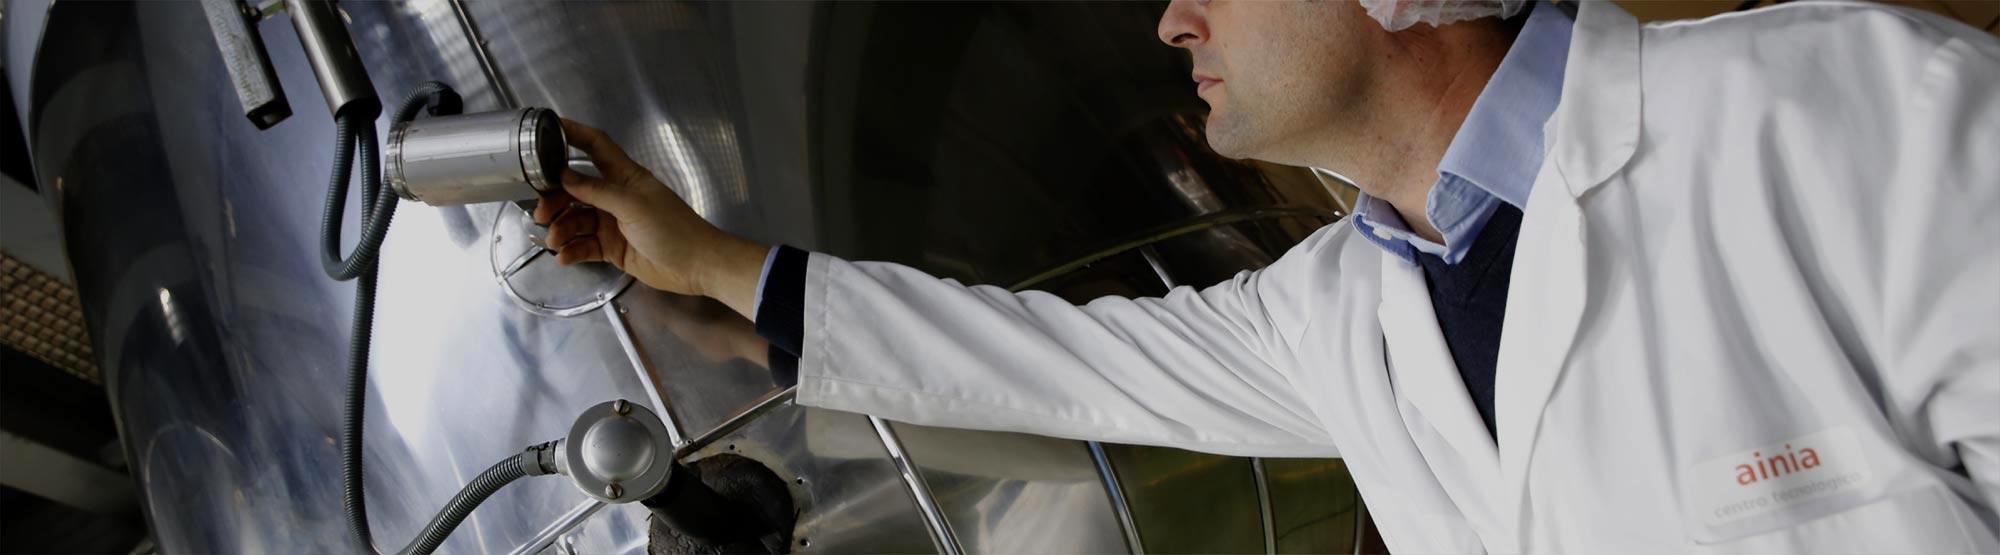 Sector químico, diseño higiénico